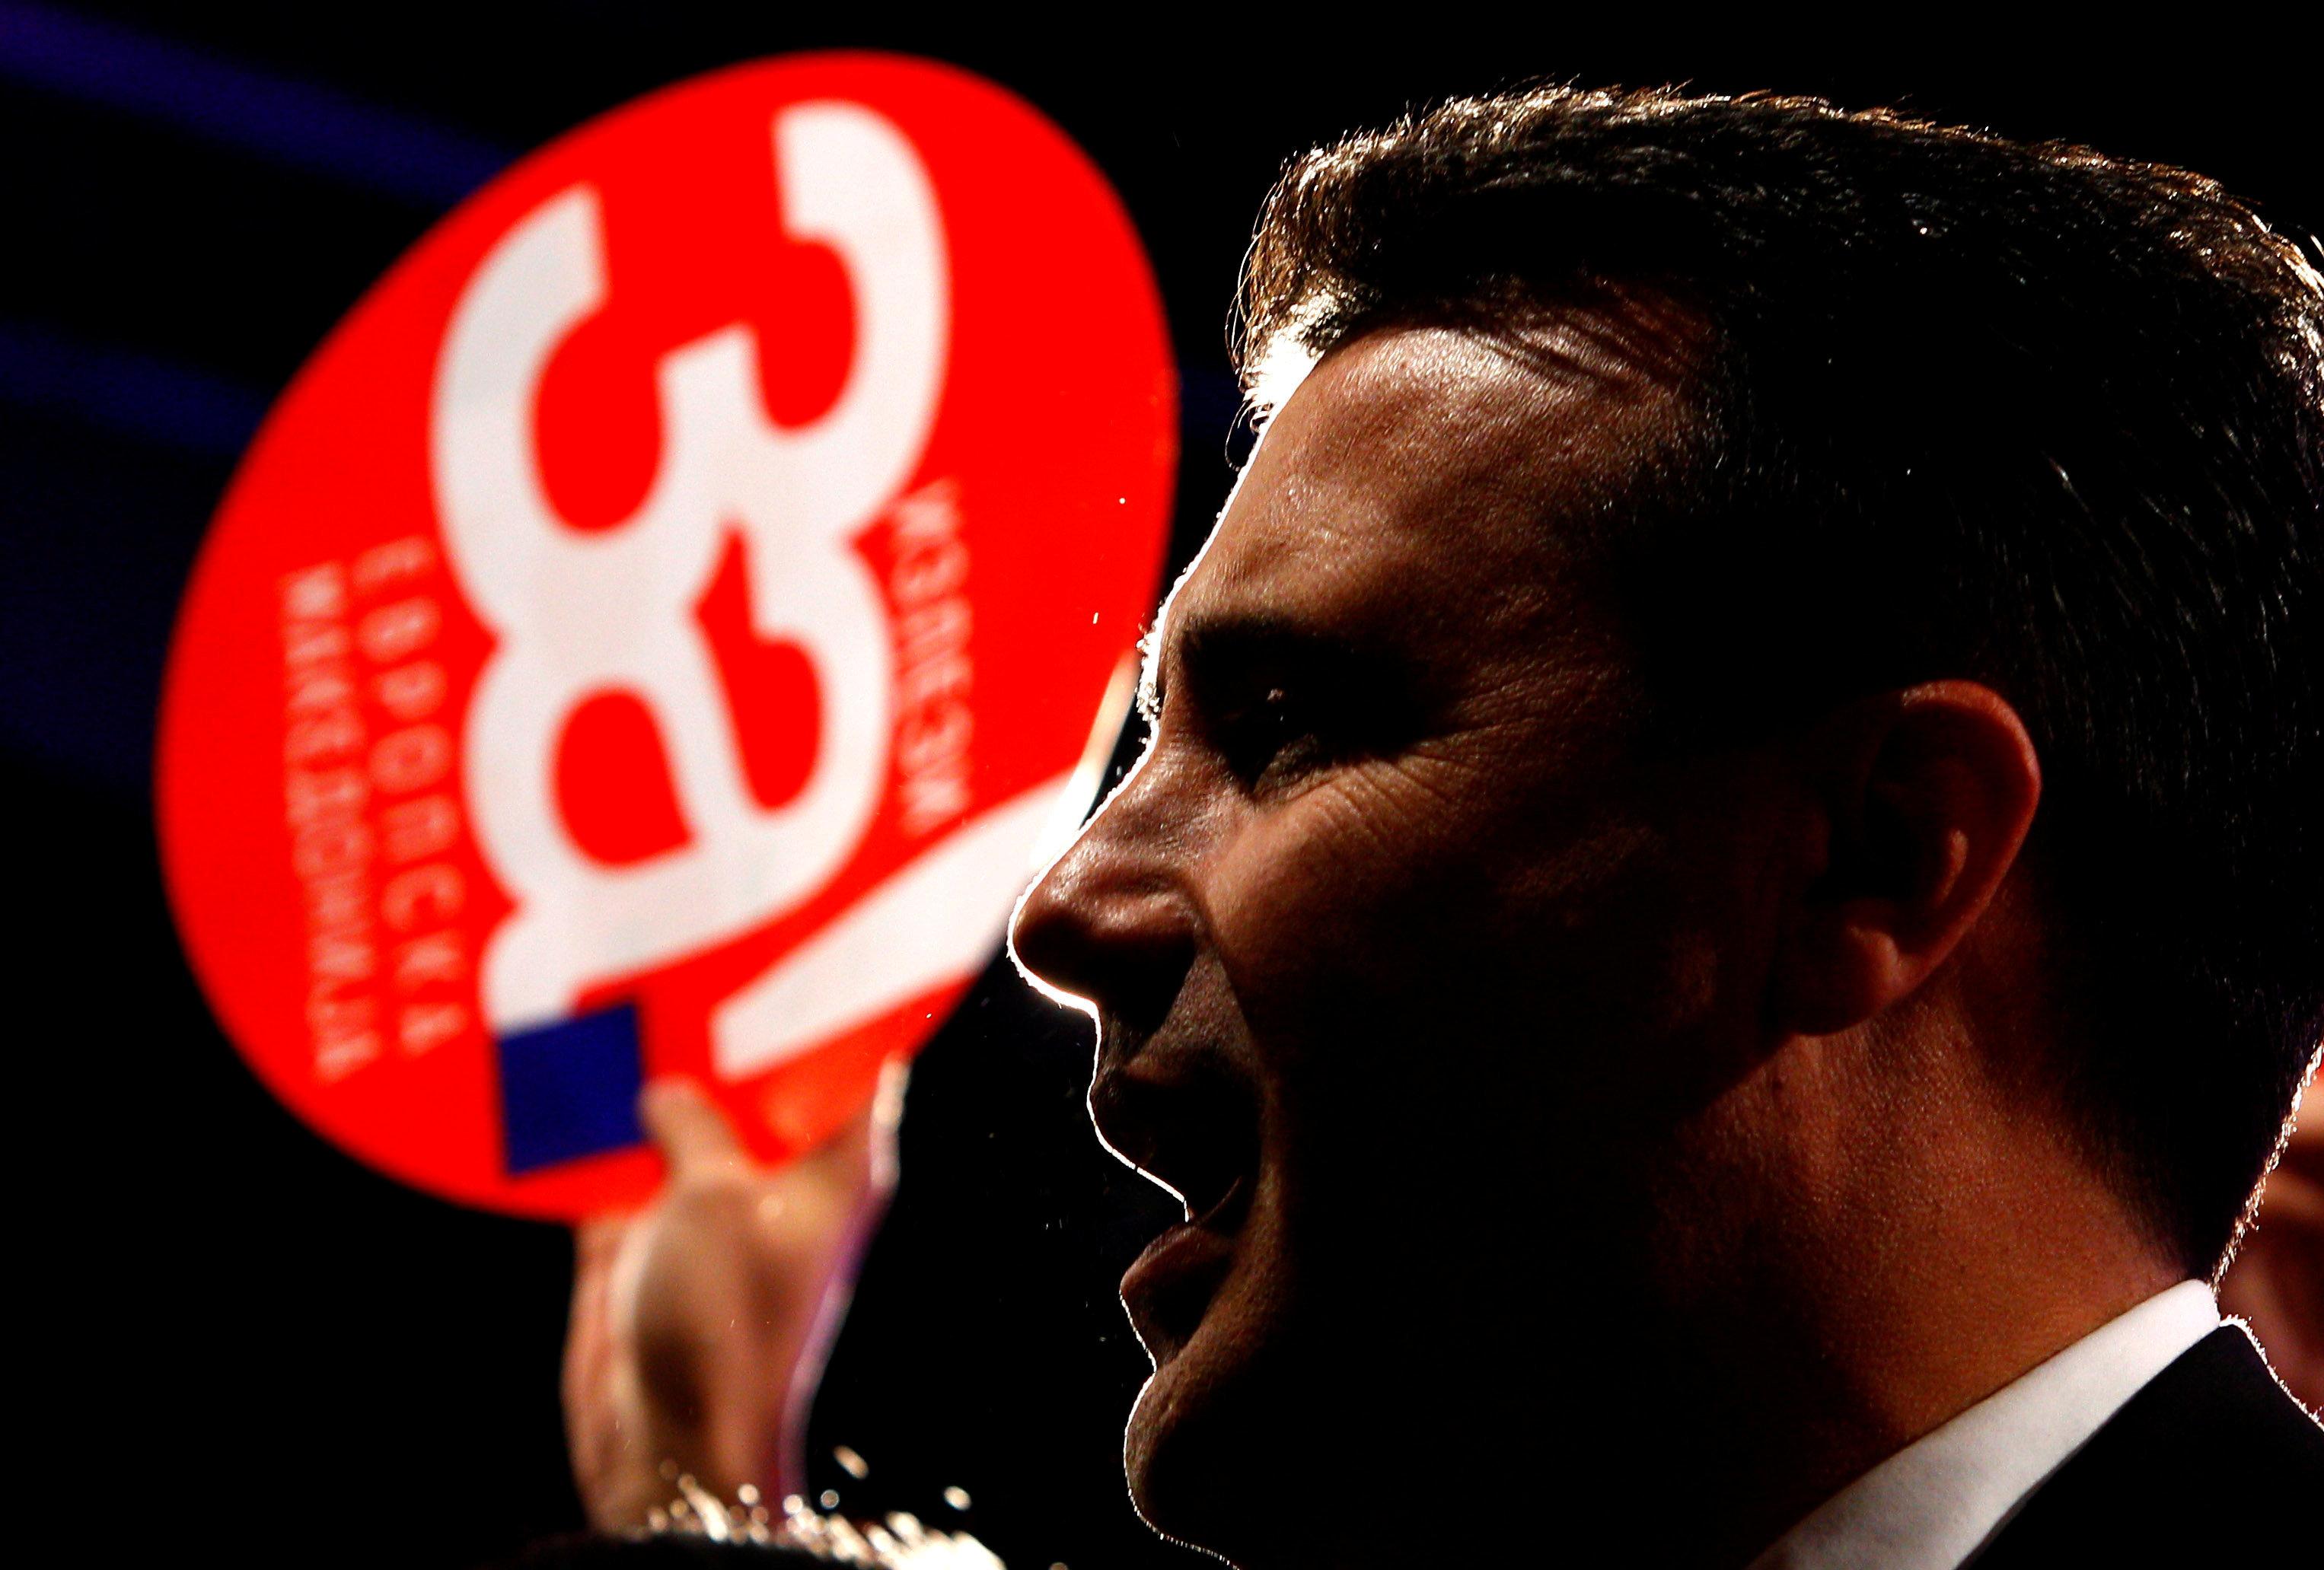 Αισιοδοξία Ζάεφ για το δημοψήφισμα: «Η αποτυχία δεν είναι